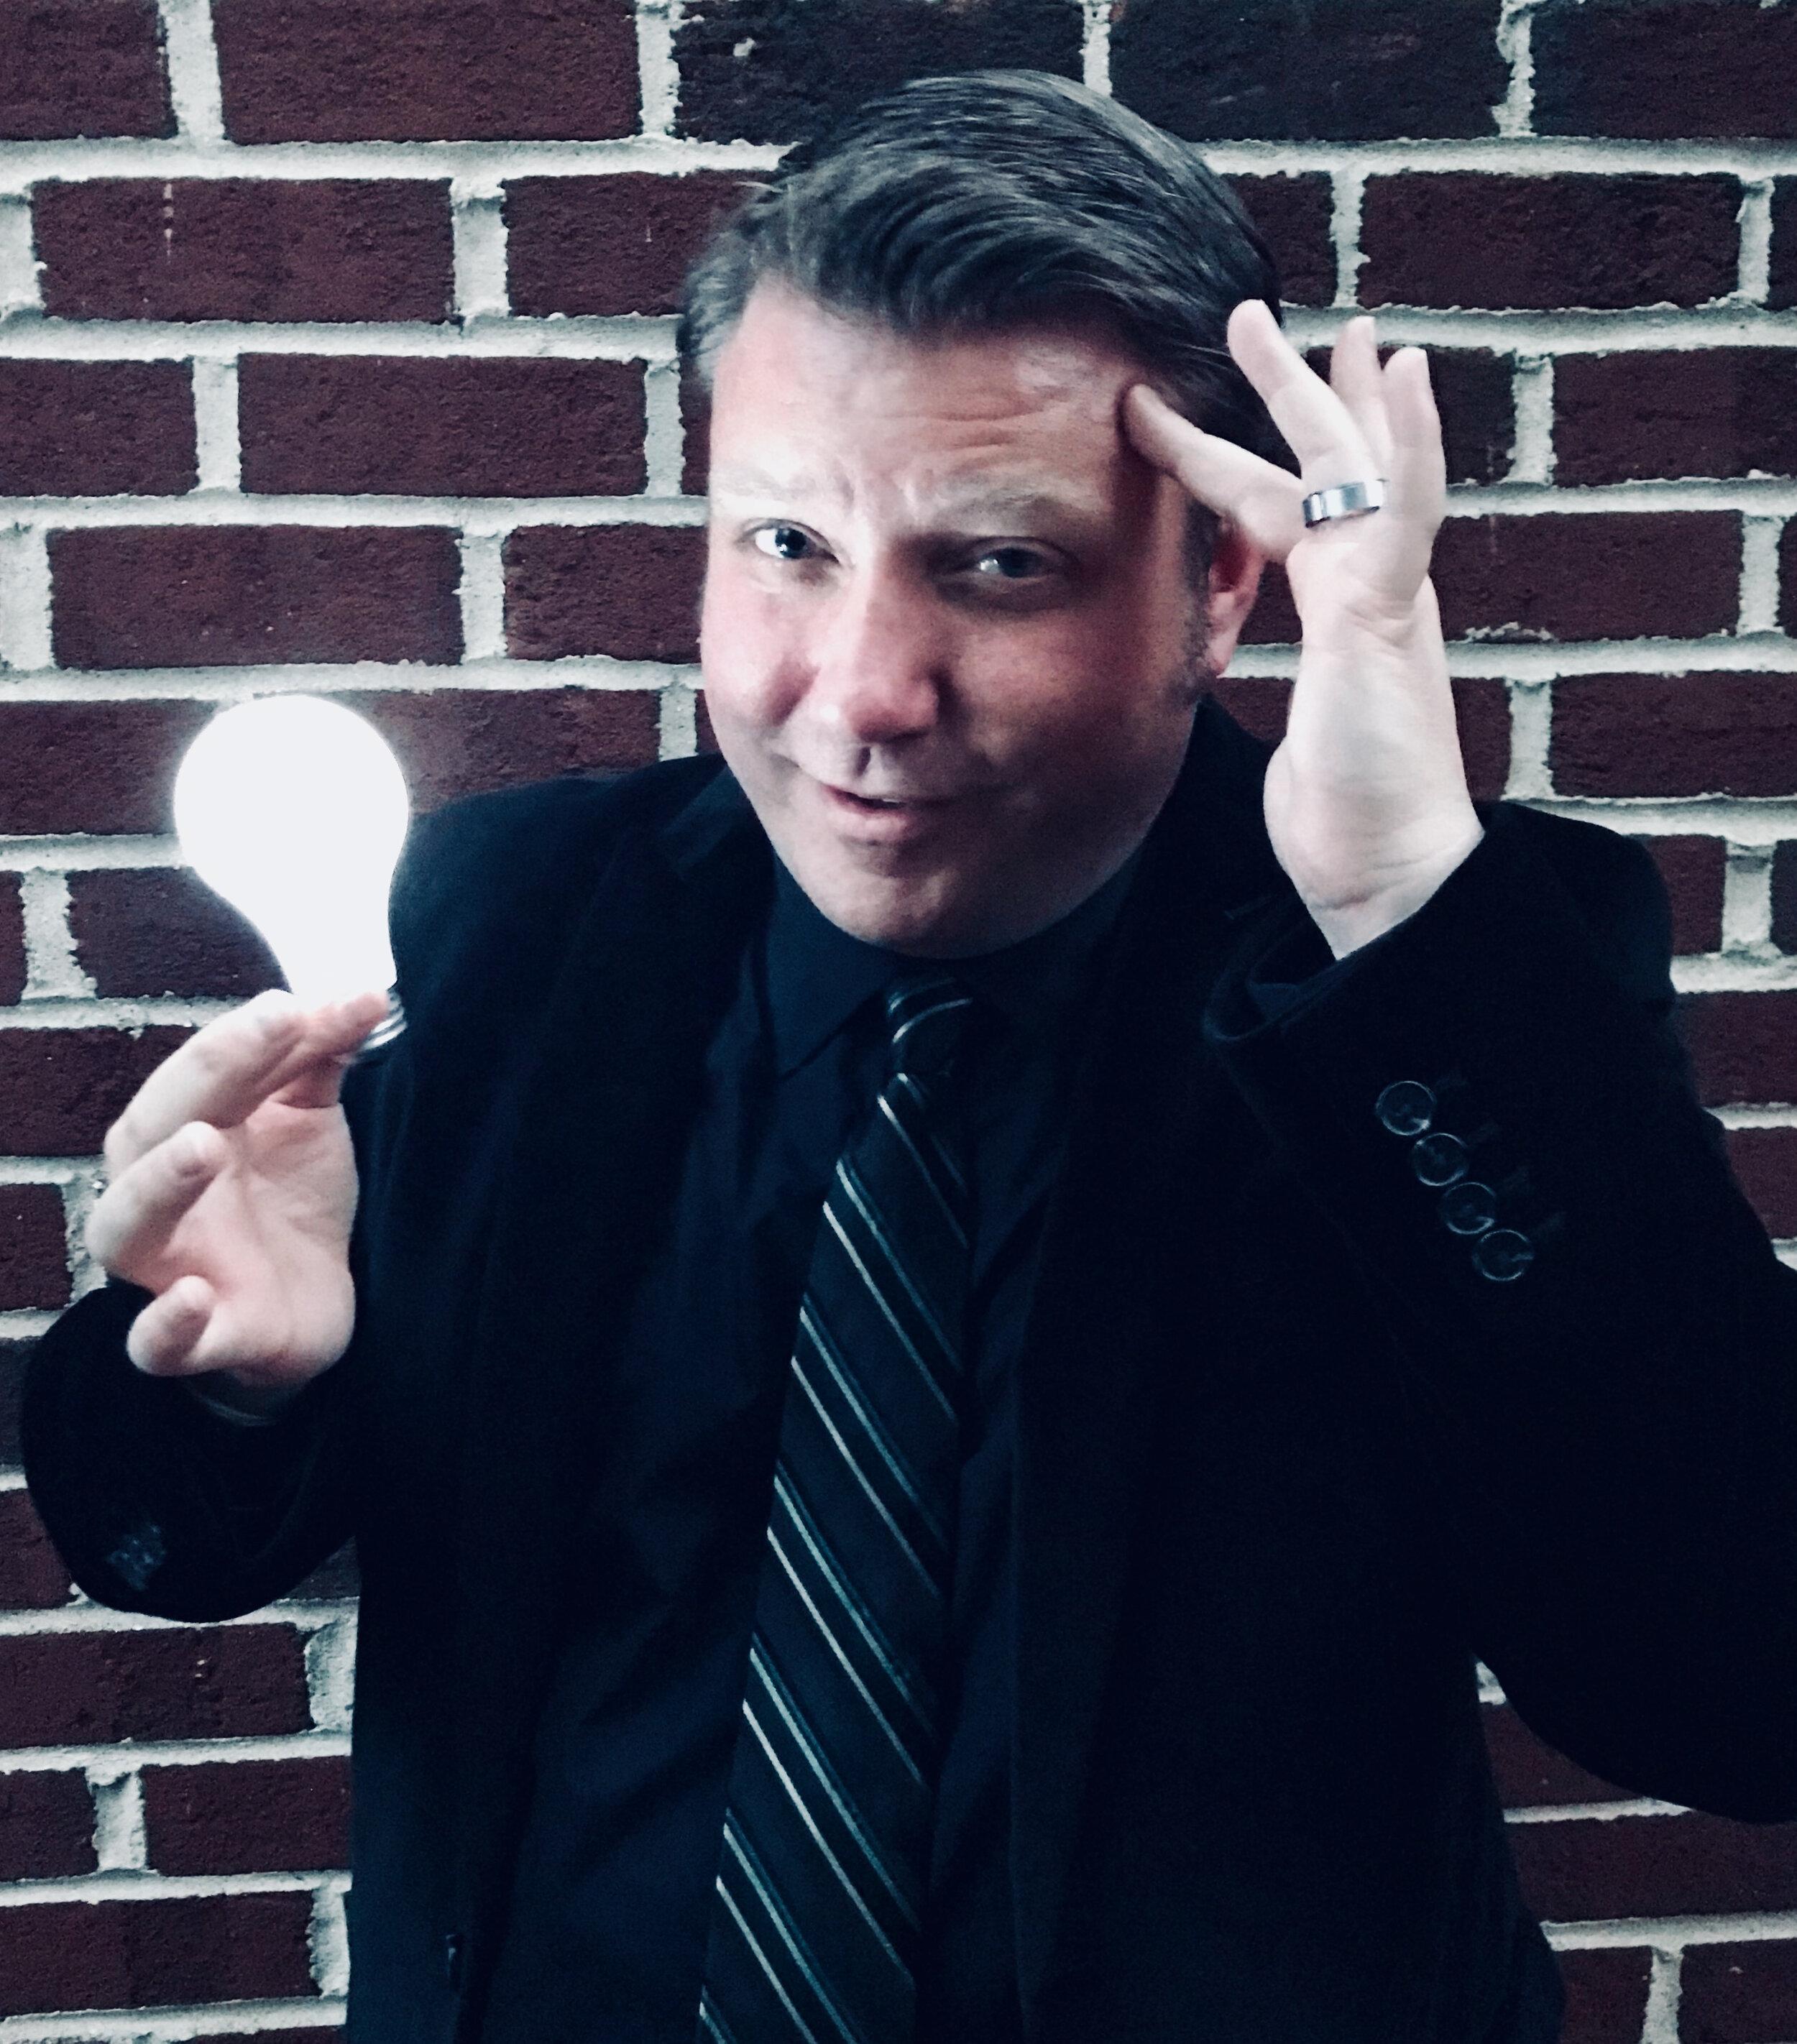 Ryan_Lawrence-Lightbulb (1).jpg